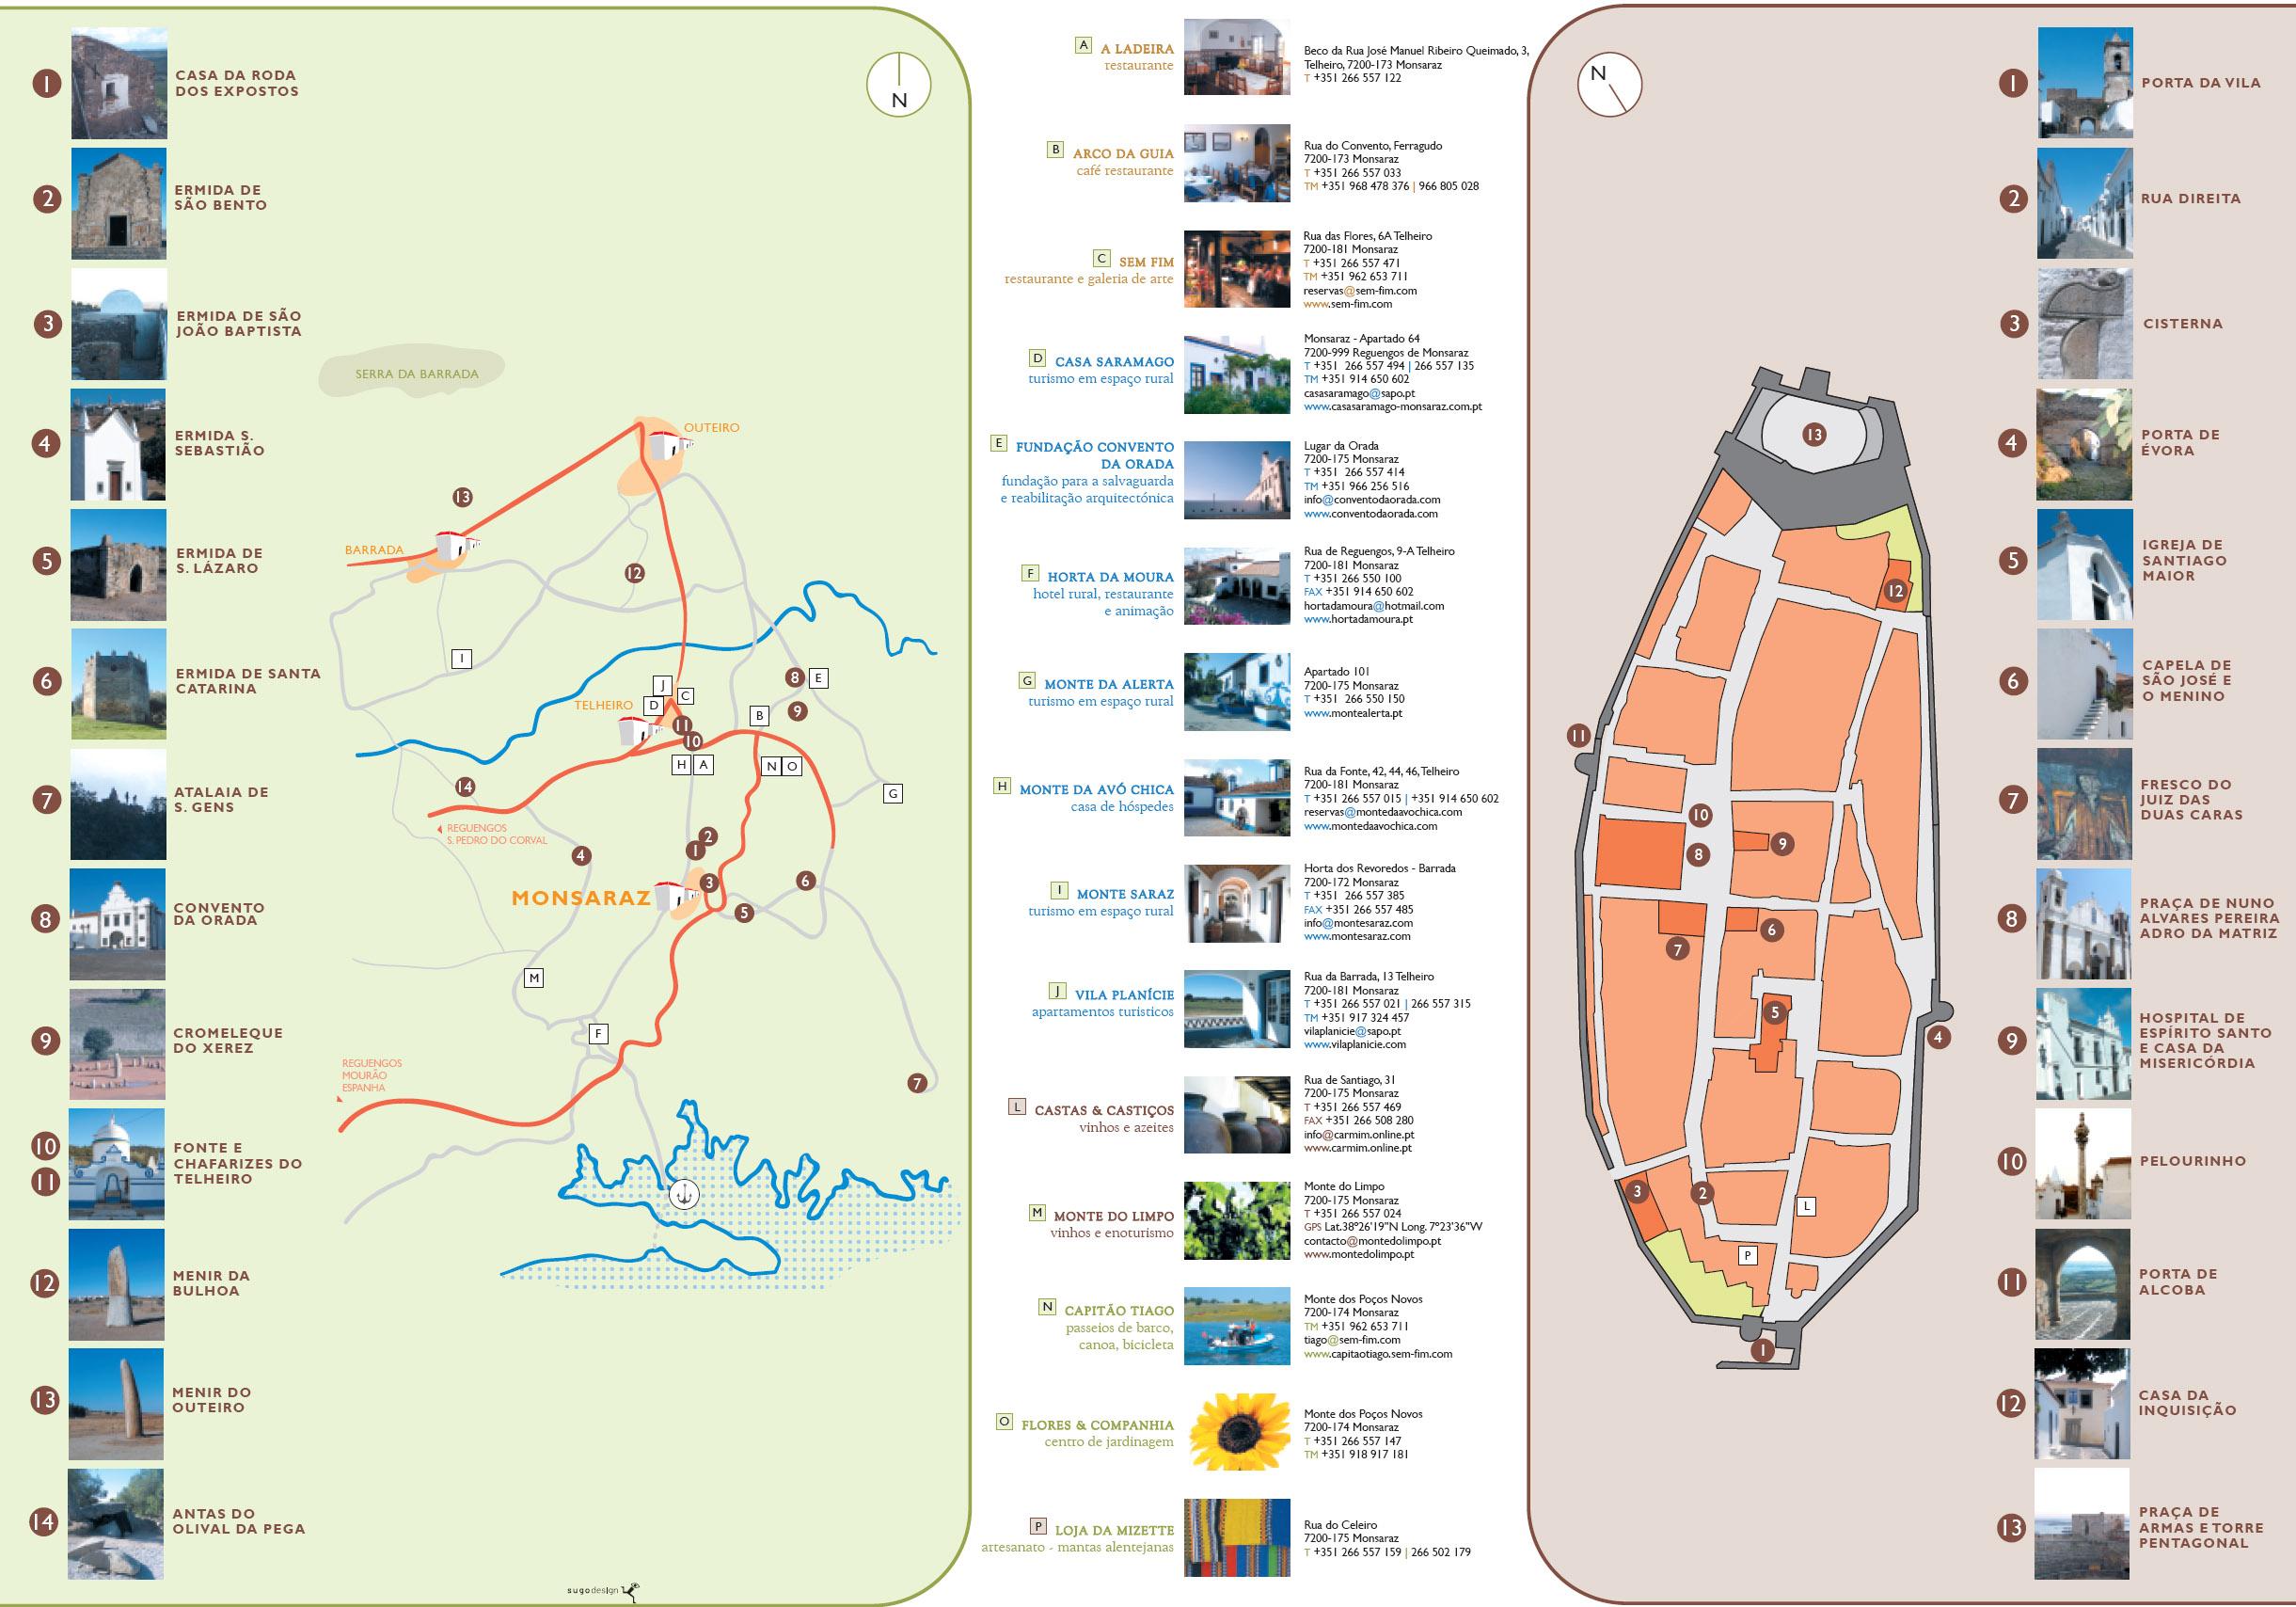 mapa de monsaraz Pedestrianismo e Percursos Pedestres: Passeio Pedestre